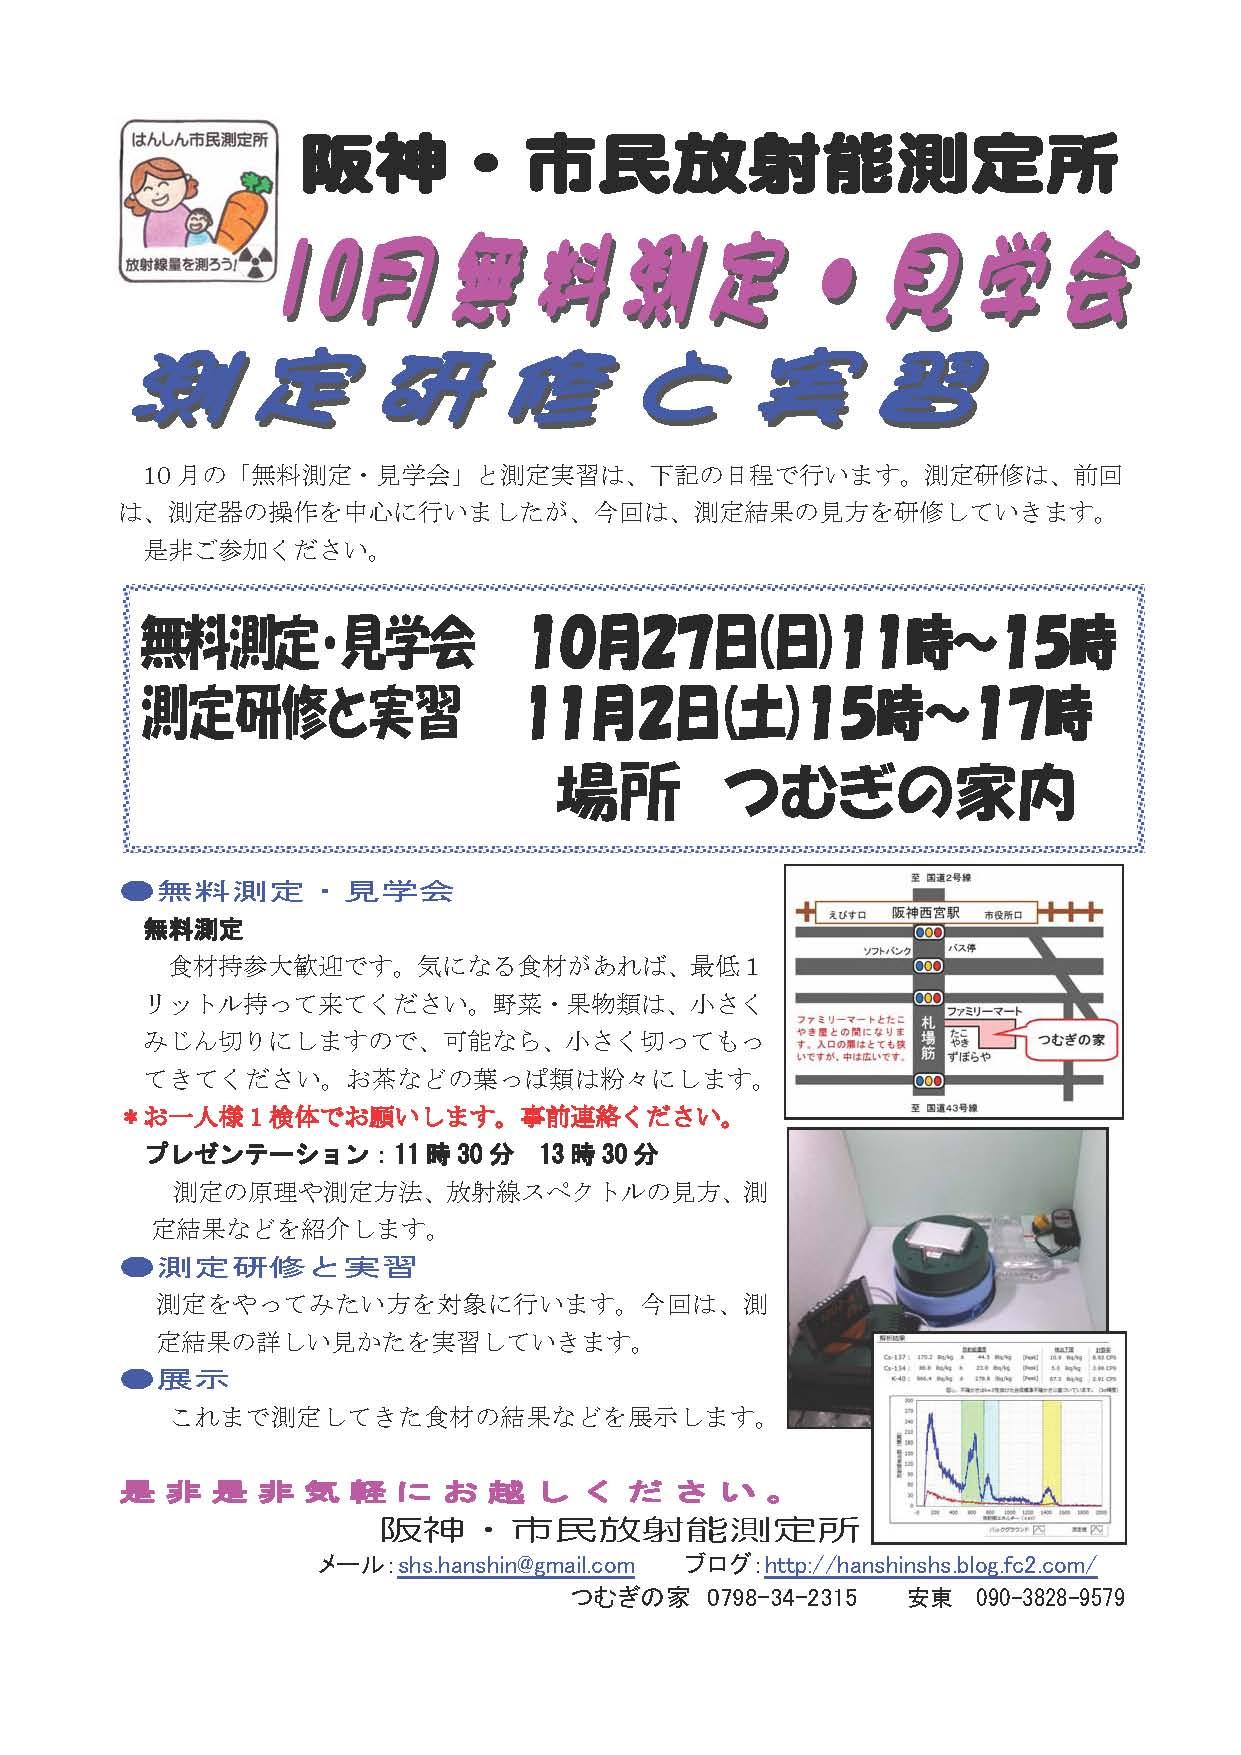 20131027無料測定会